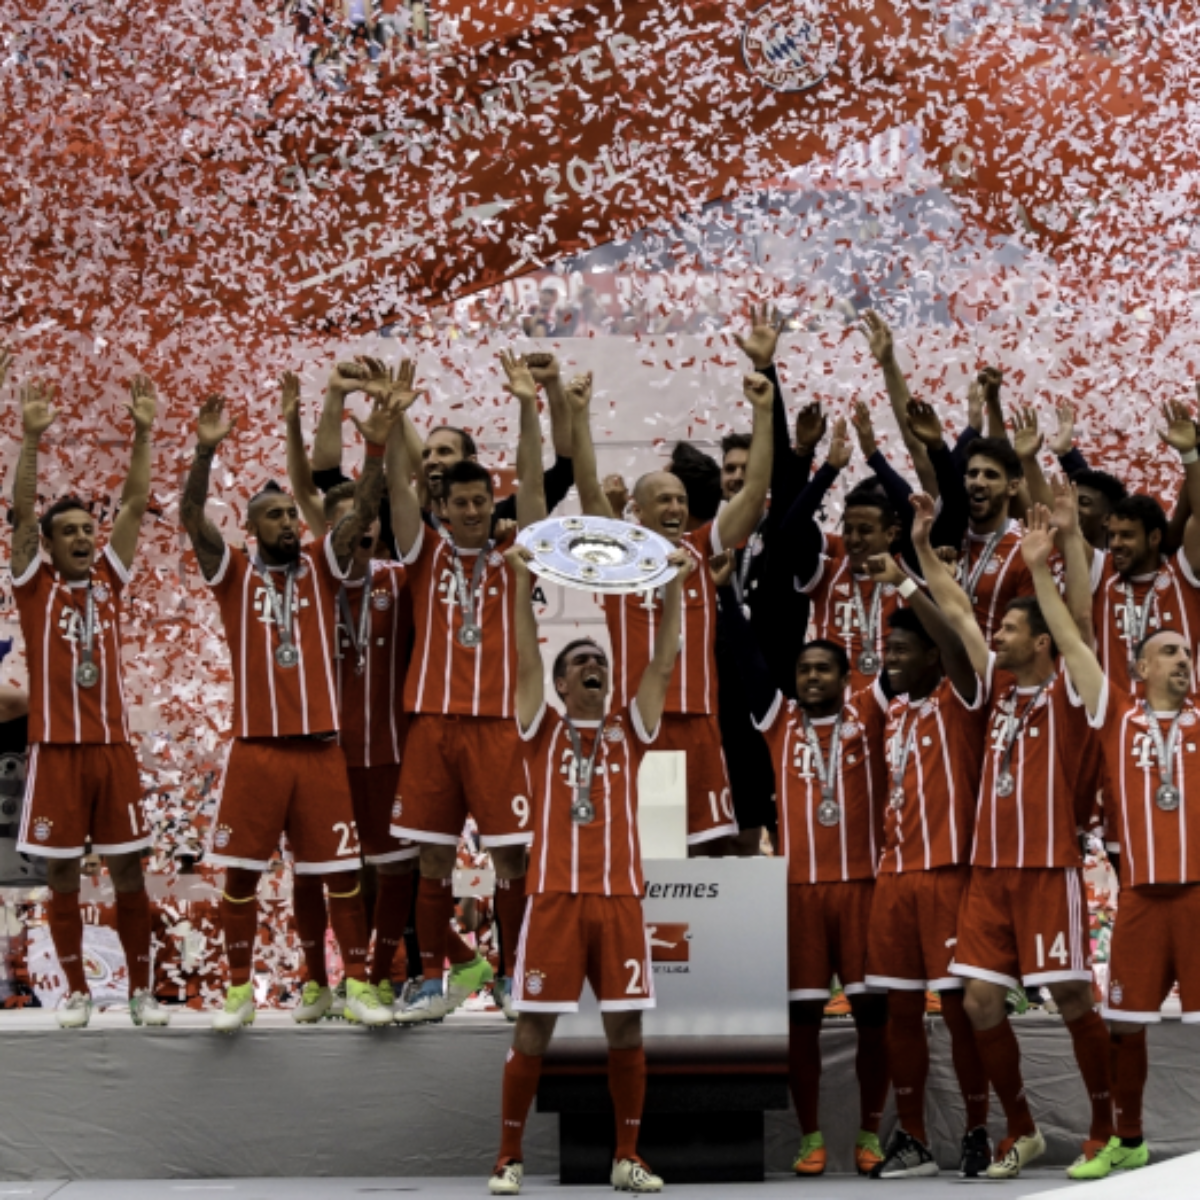 Die Tabellenführer der Bundesliga in den letzten 10 Jahren